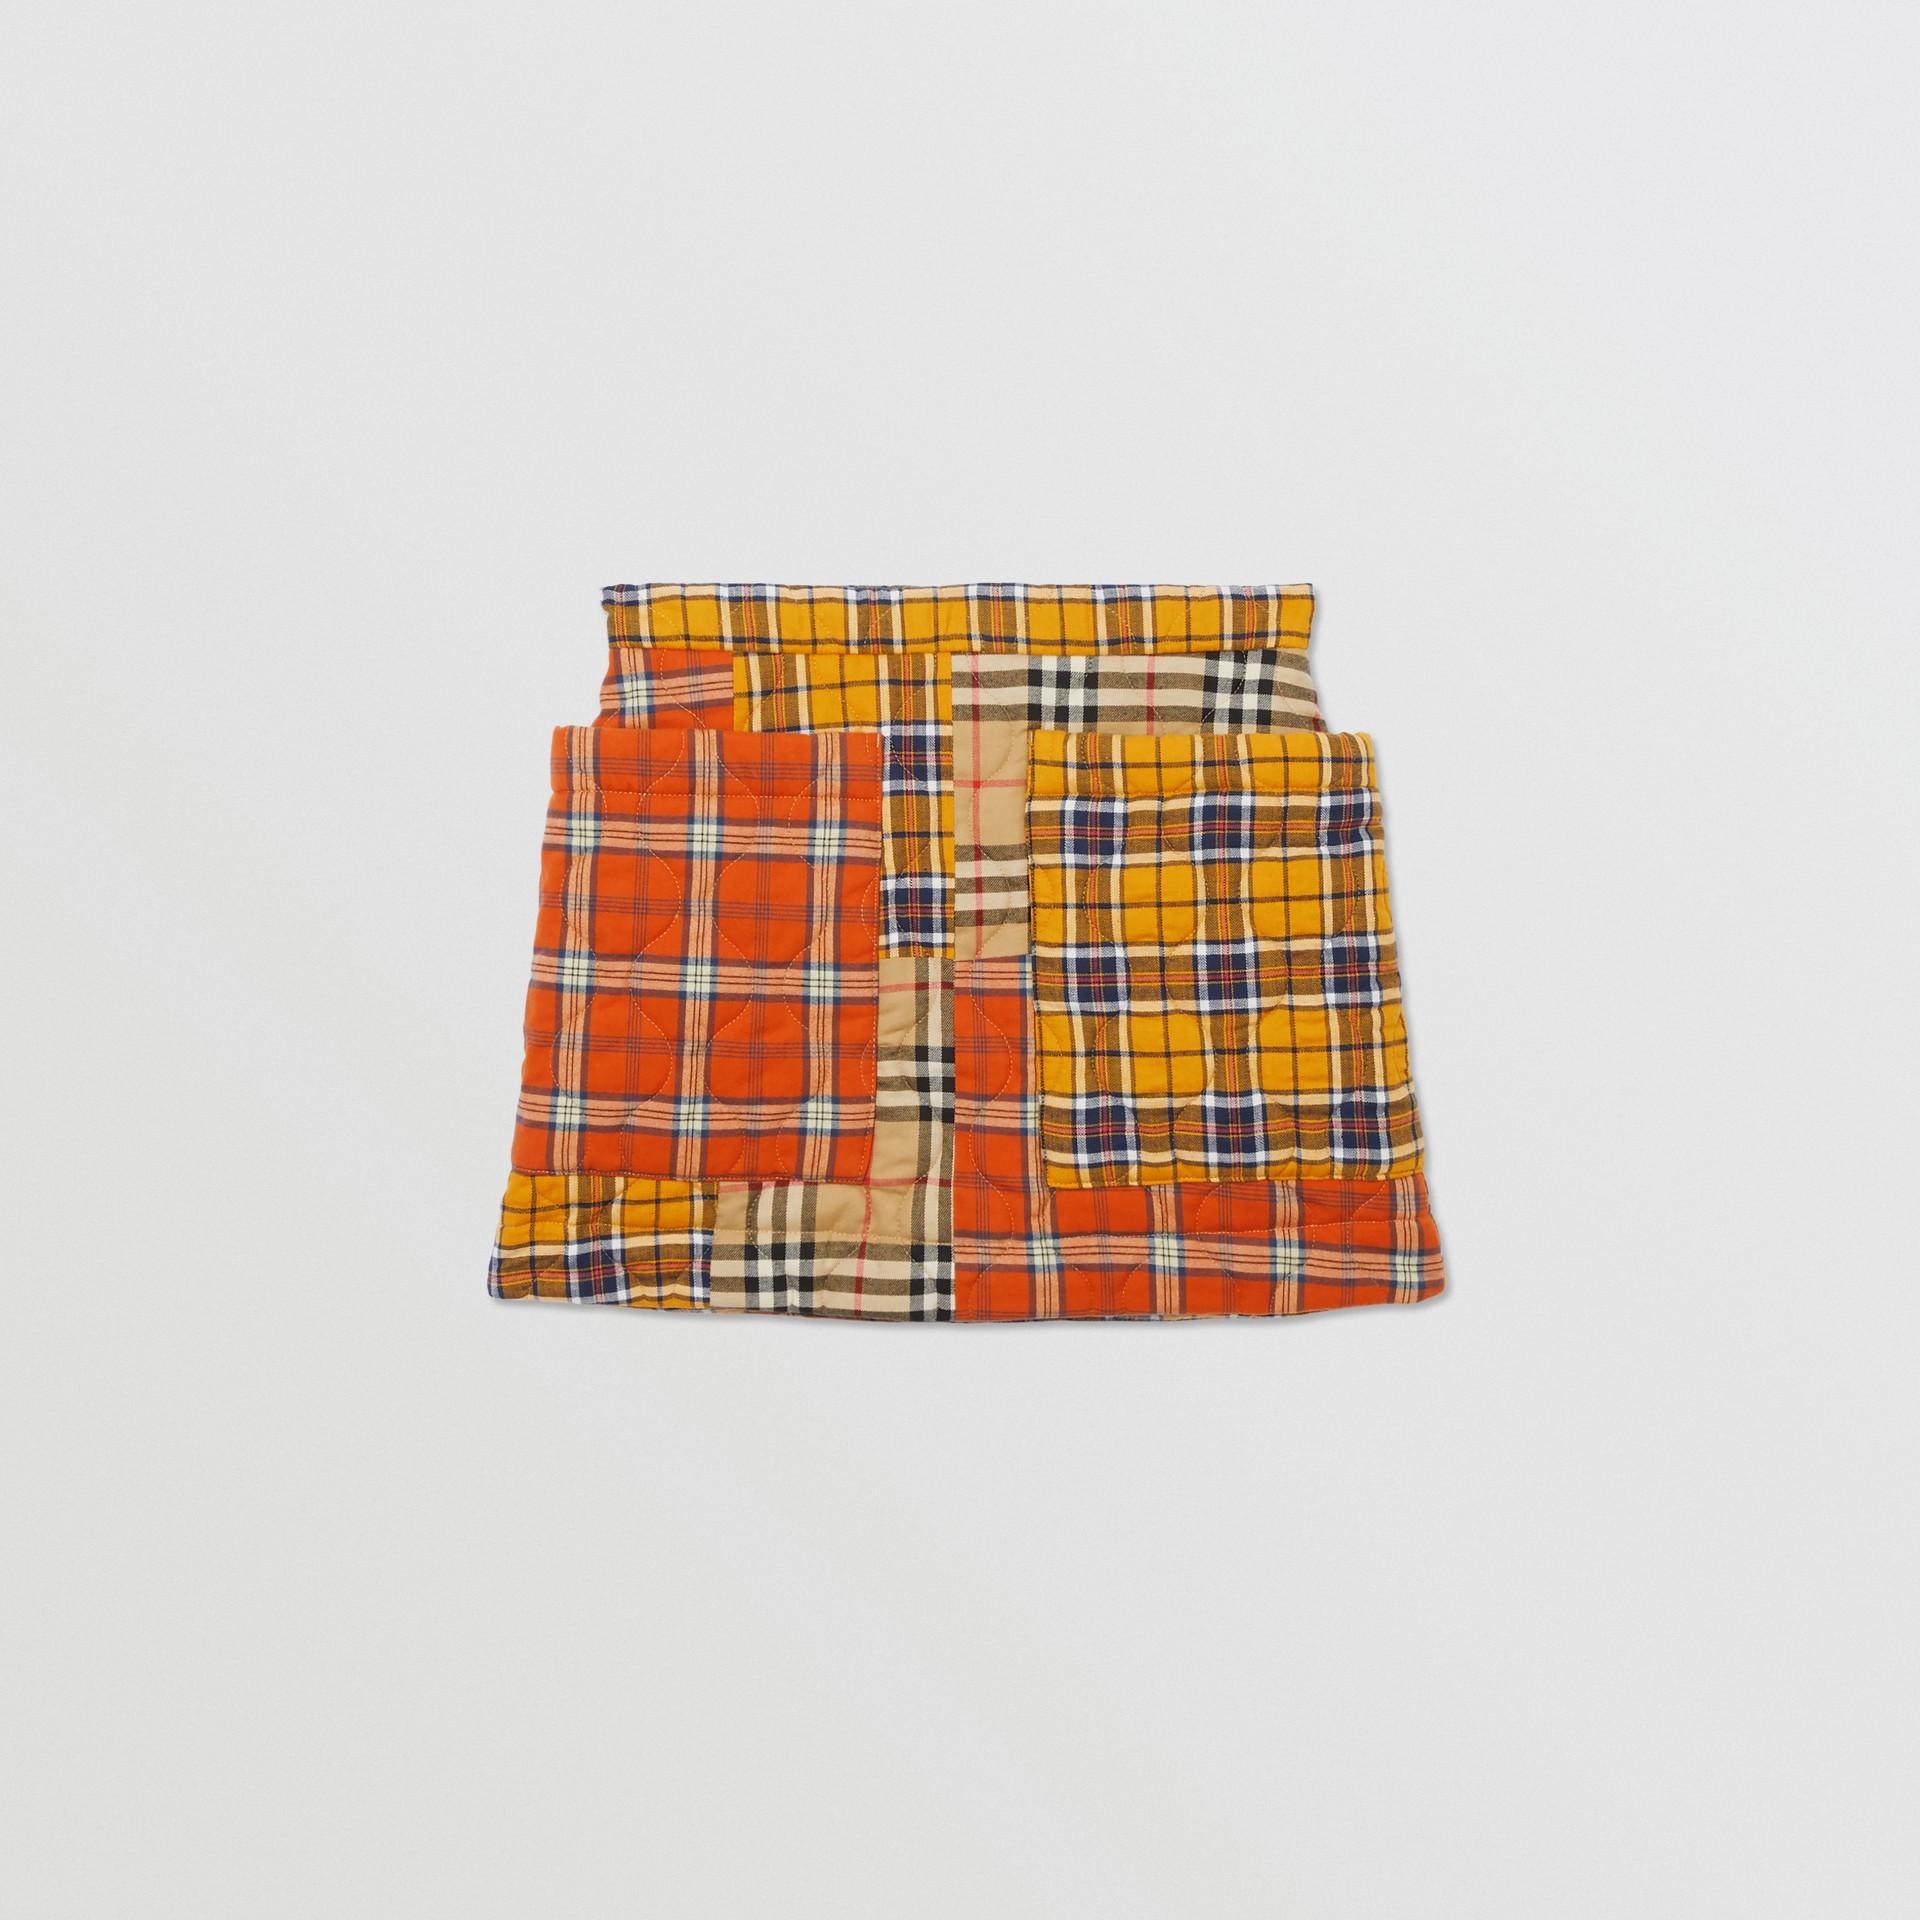 Jupe en flanelle de coton check (Jaune Suroît) | Burberry - photo de la galerie 0